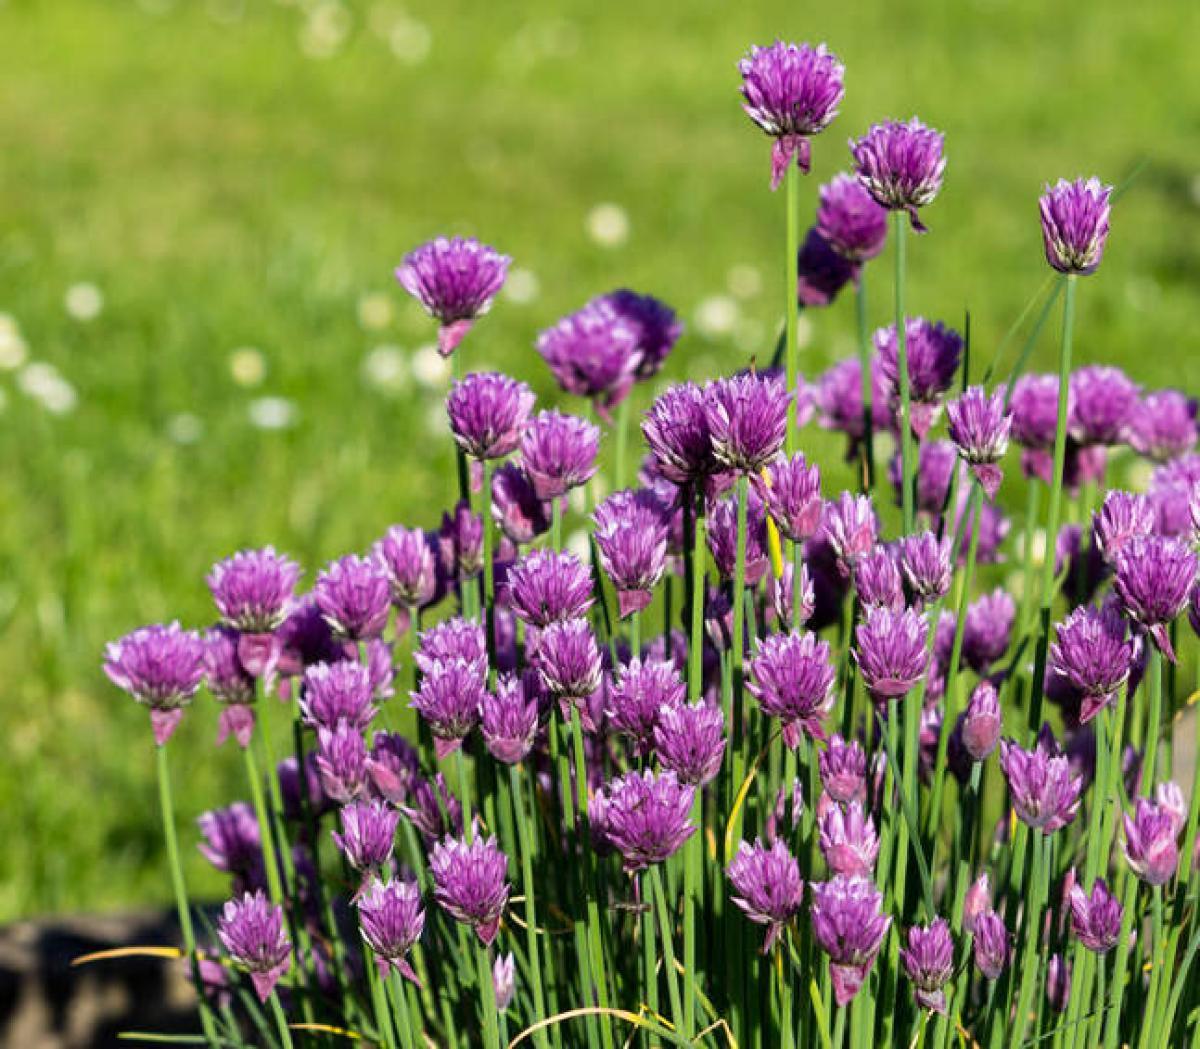 Ciboulette : Plantation Et Culture, Entretien Et Récolte à Fleur Qui Pousse Au Printemps